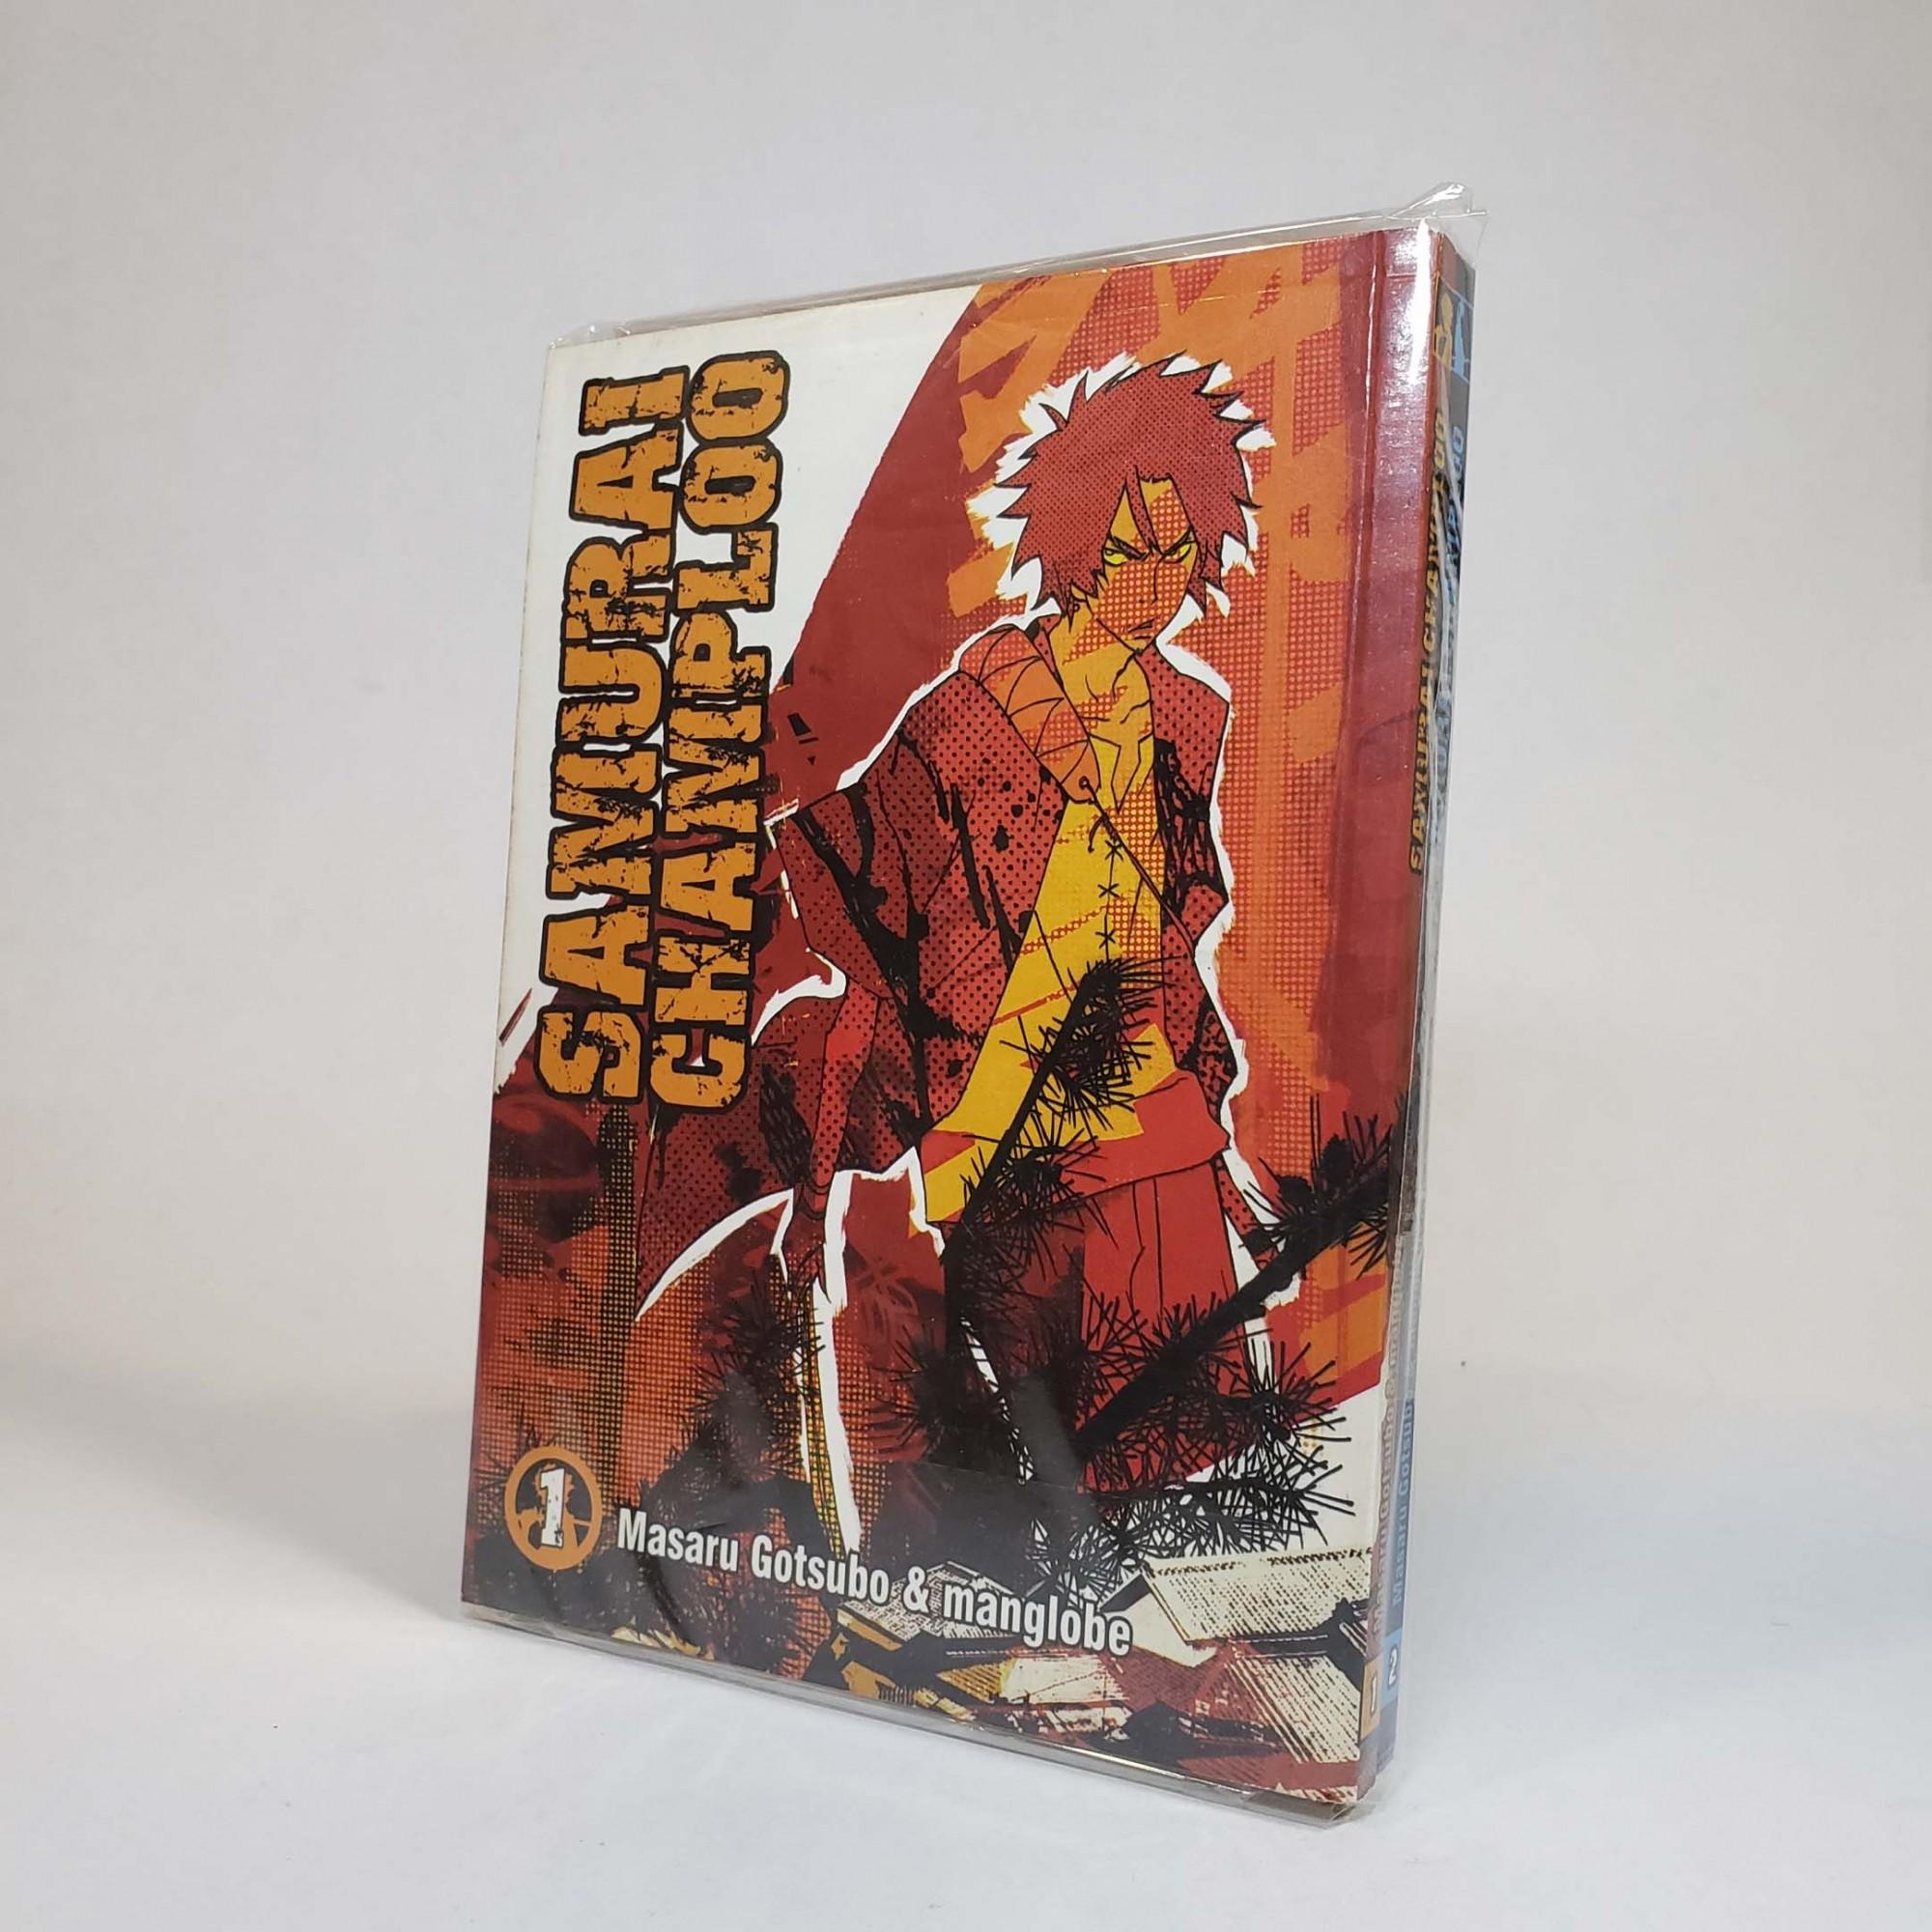 Samurai Champloo - 1 e 2 - Coleção Completa - Pack